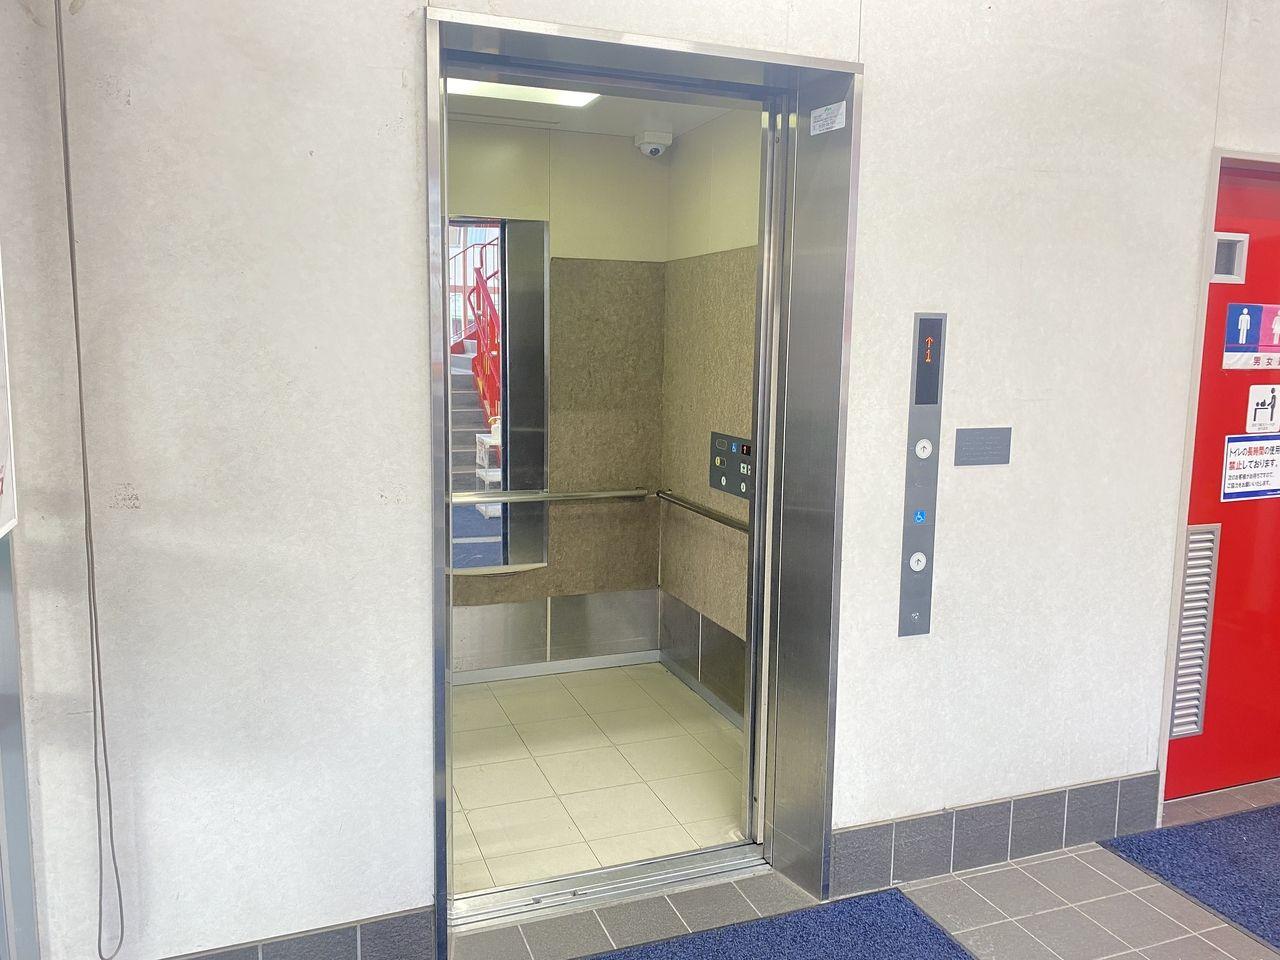 鹿児島市南林寺町の障害者グループホーム桜天文館は徒歩圏内に日用品などが売っているドラッグストアコスモスがあります。エレベータもあり便利なお店です。